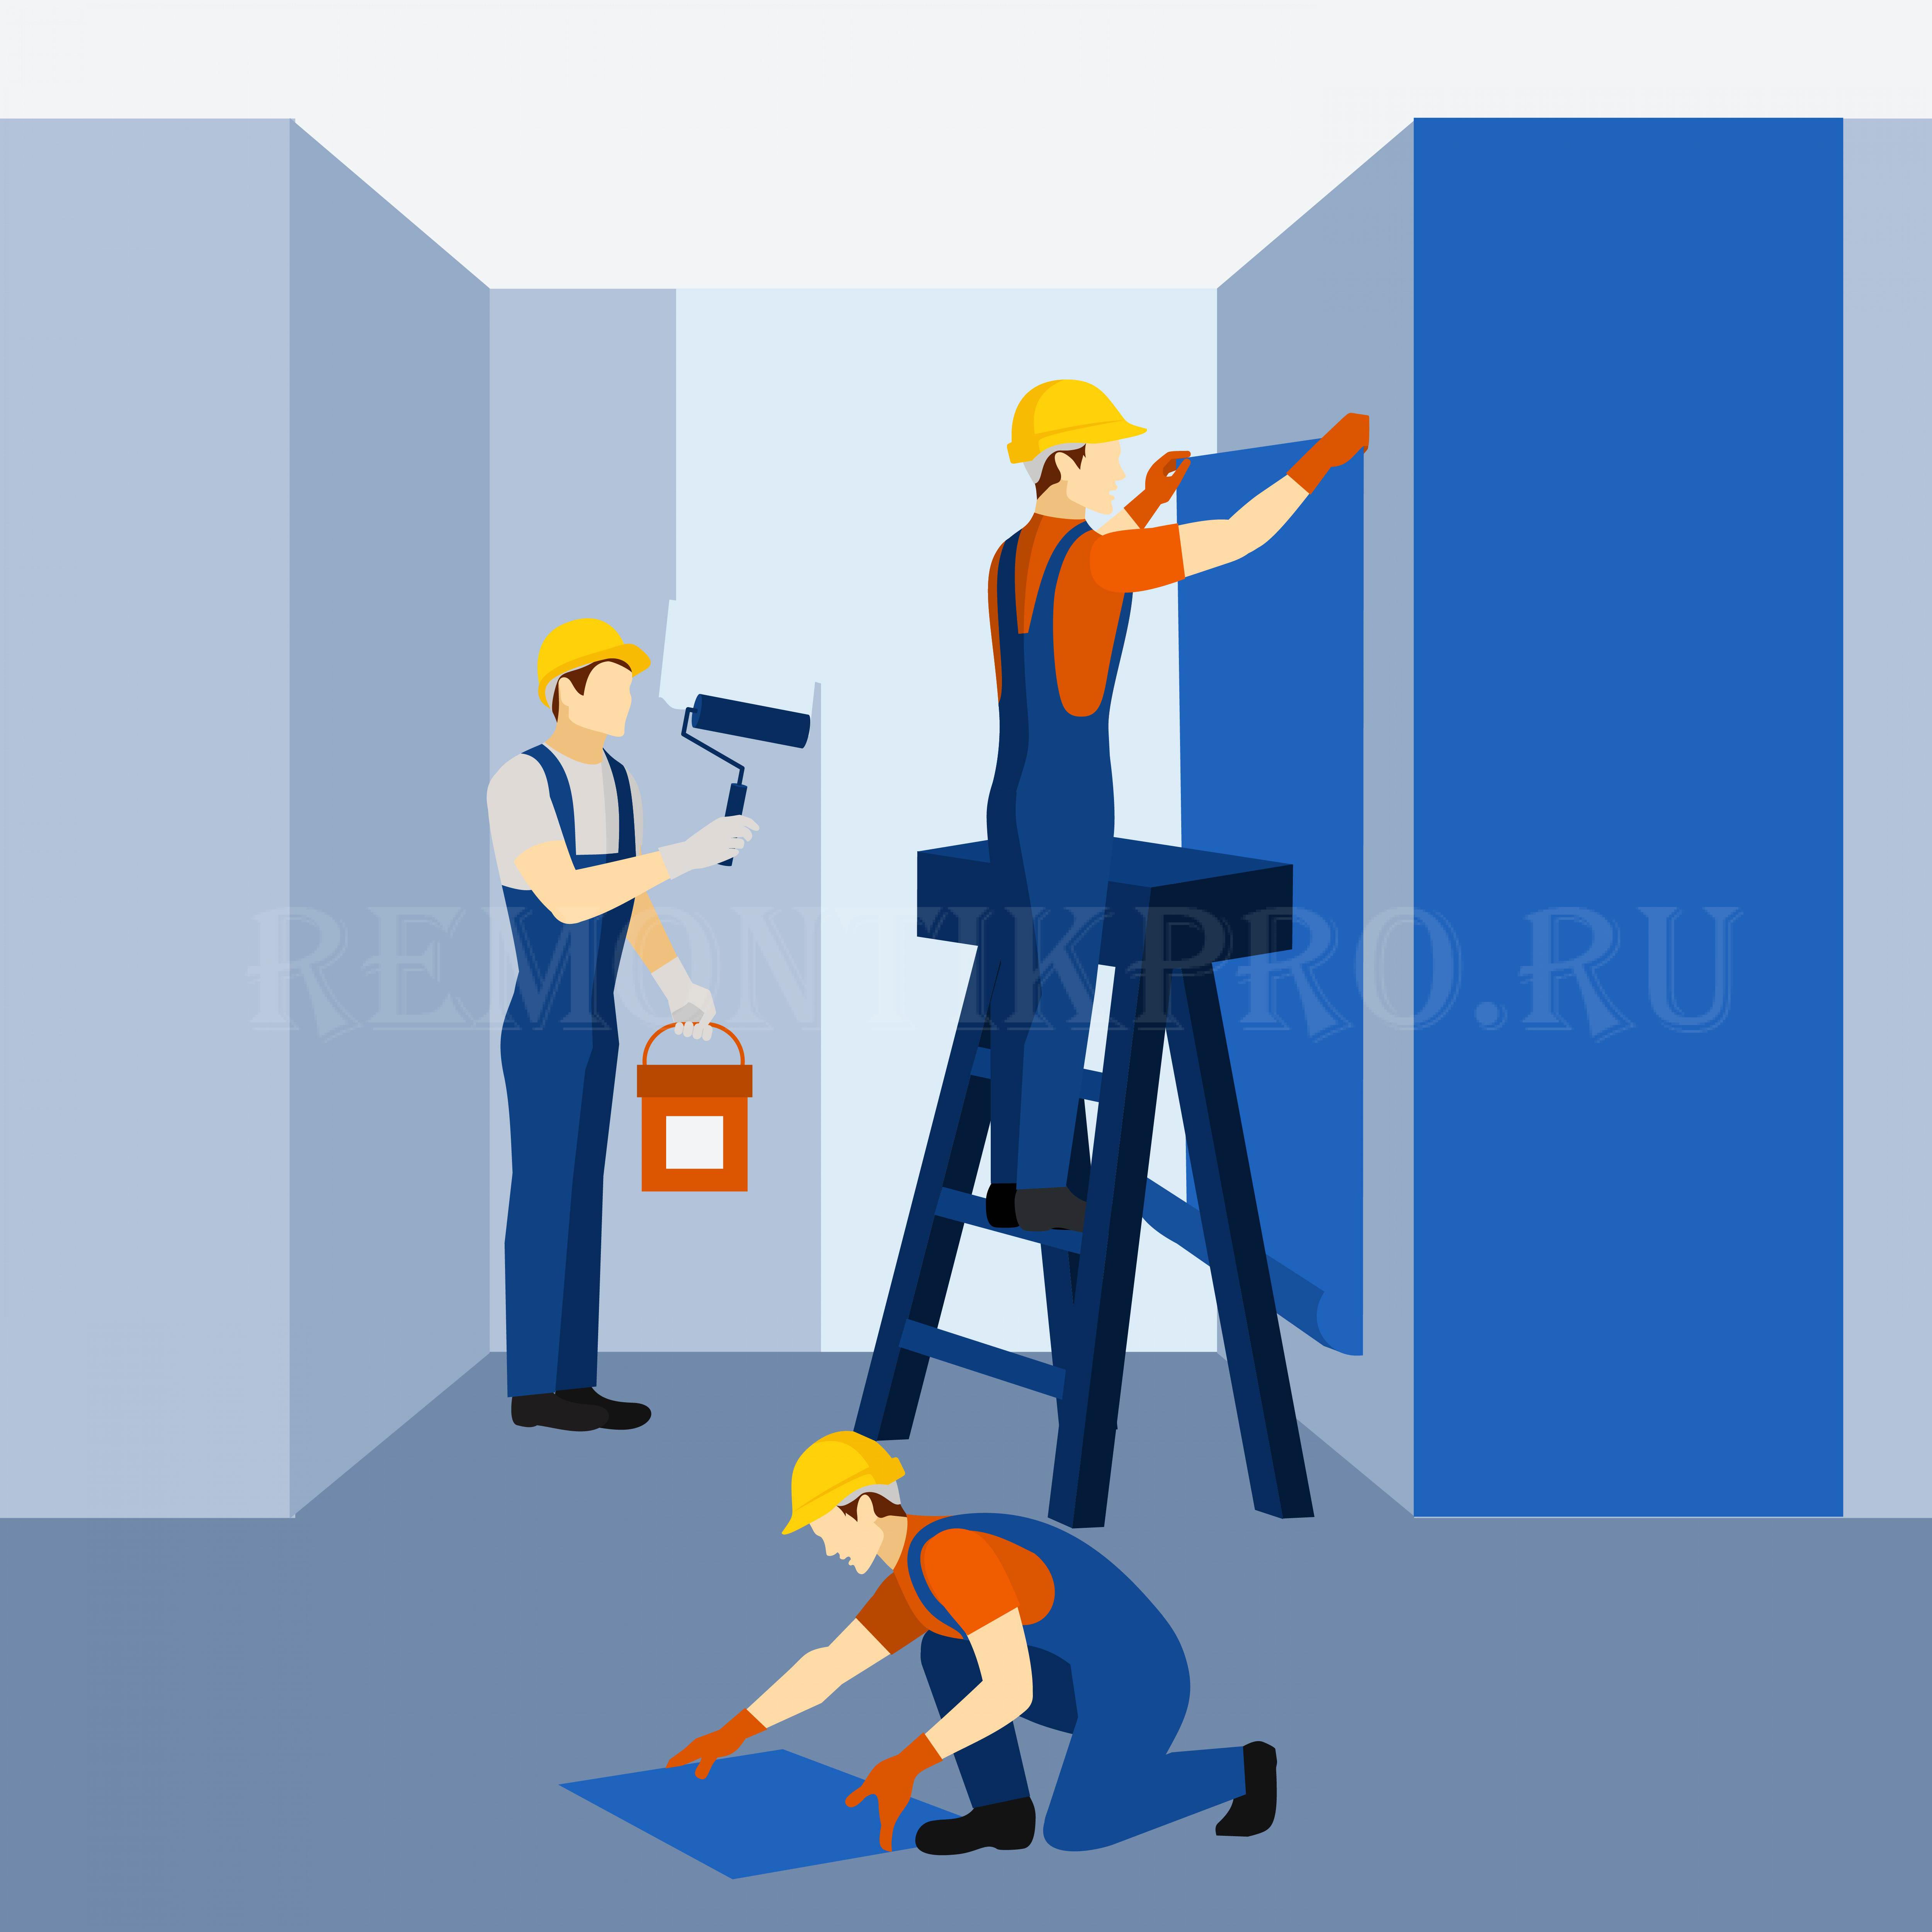 Внутренняя отделка дома или квартиры - Ремонт+ (фото 1)